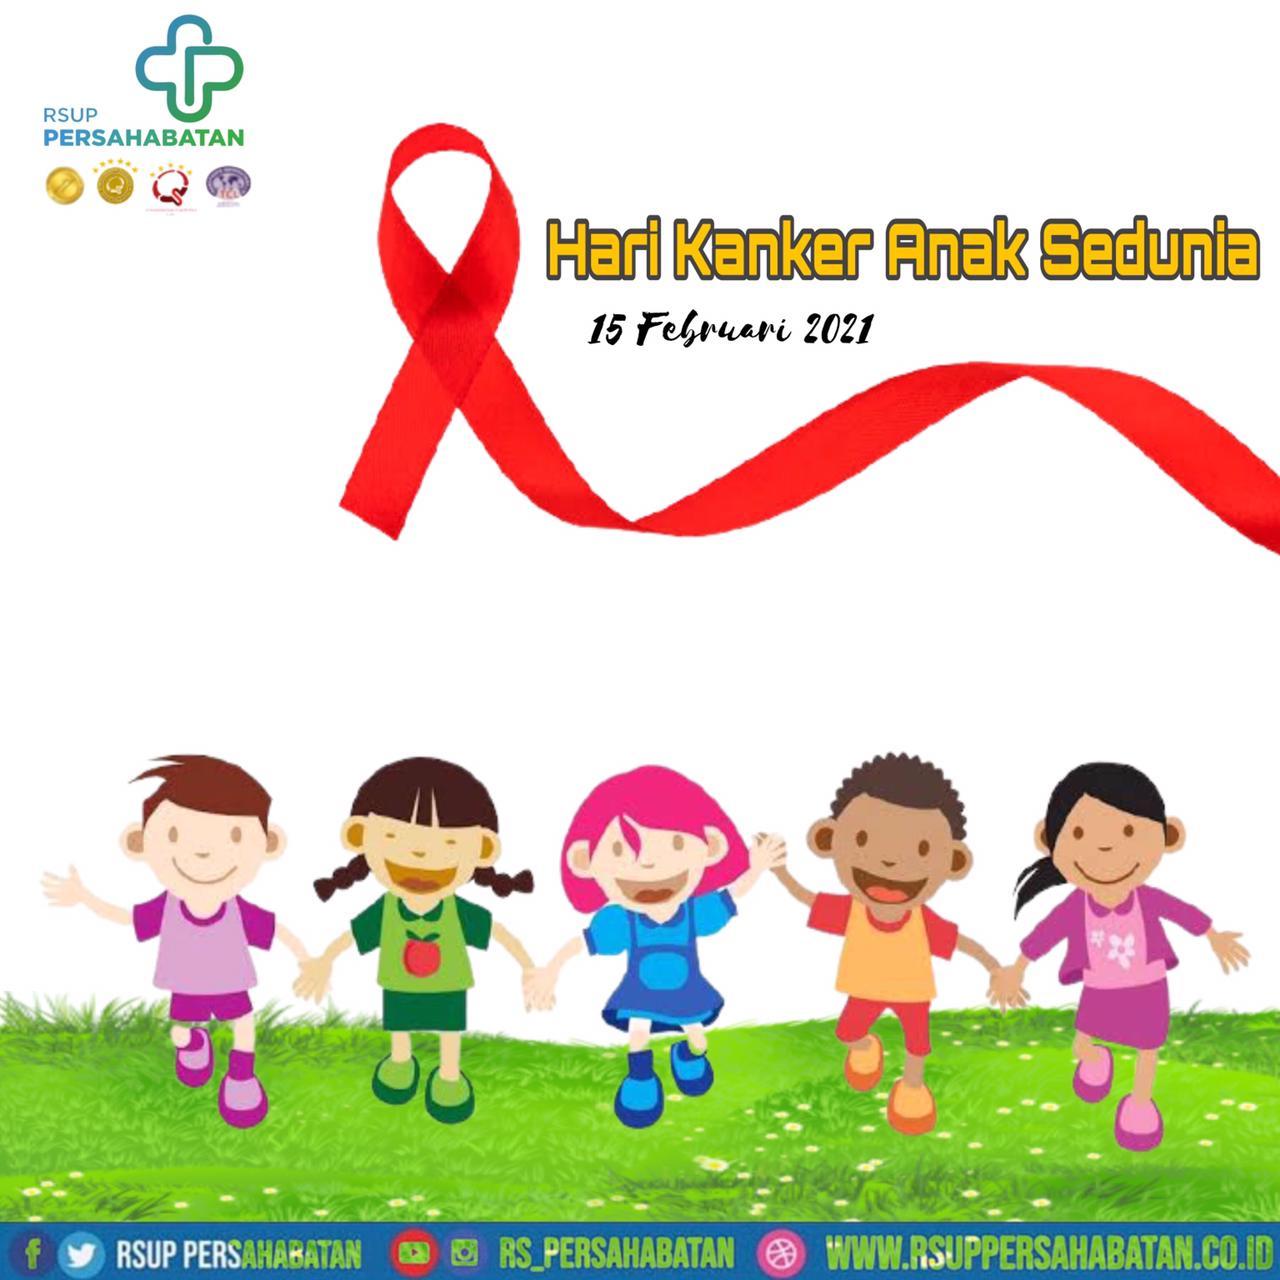 Hari Kanker Anak Sedunia 15 Februari 2021